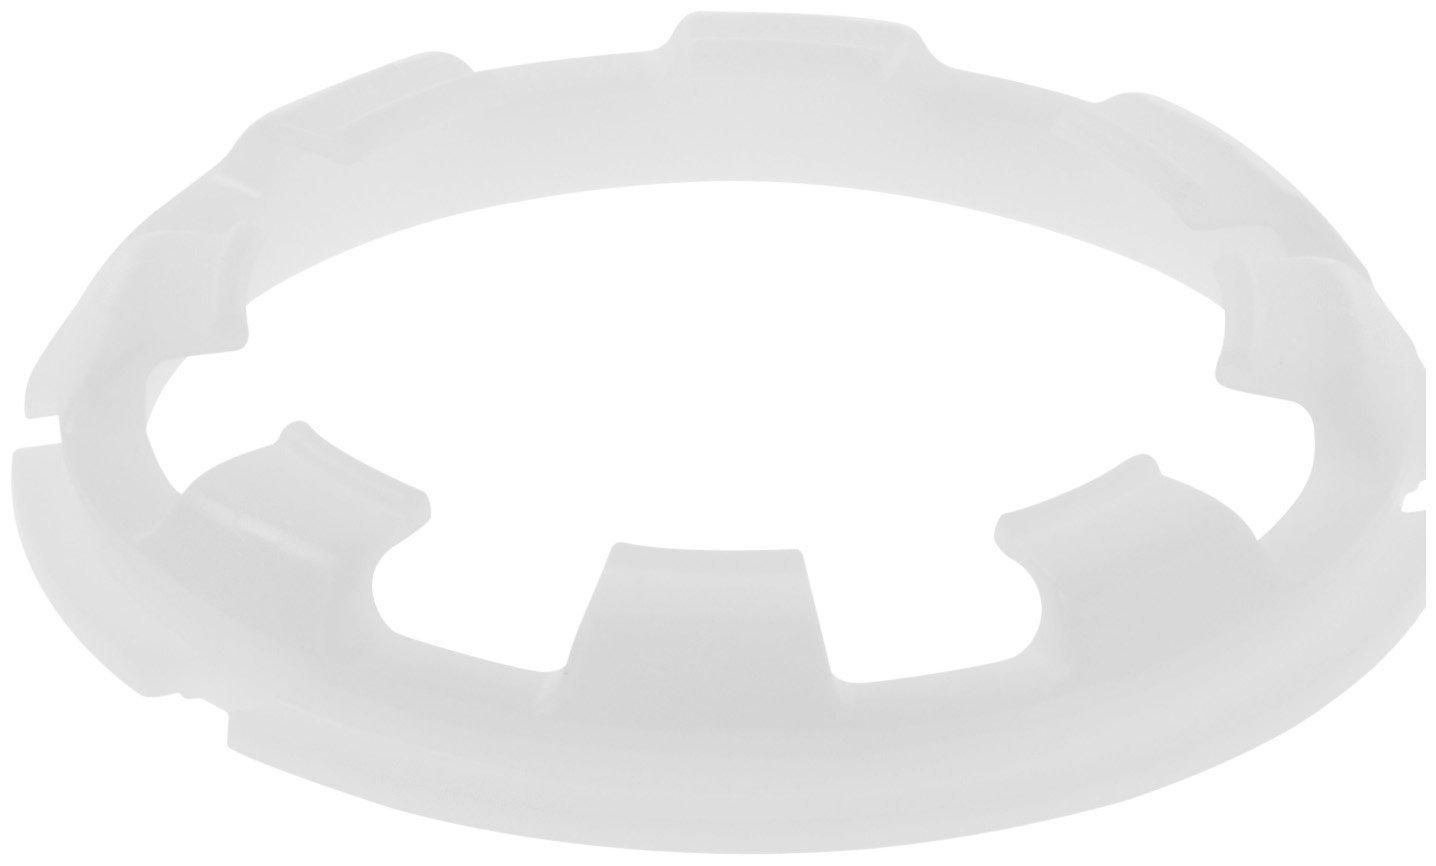 KOHLER K-1009944 Bonnet Attachment Ring